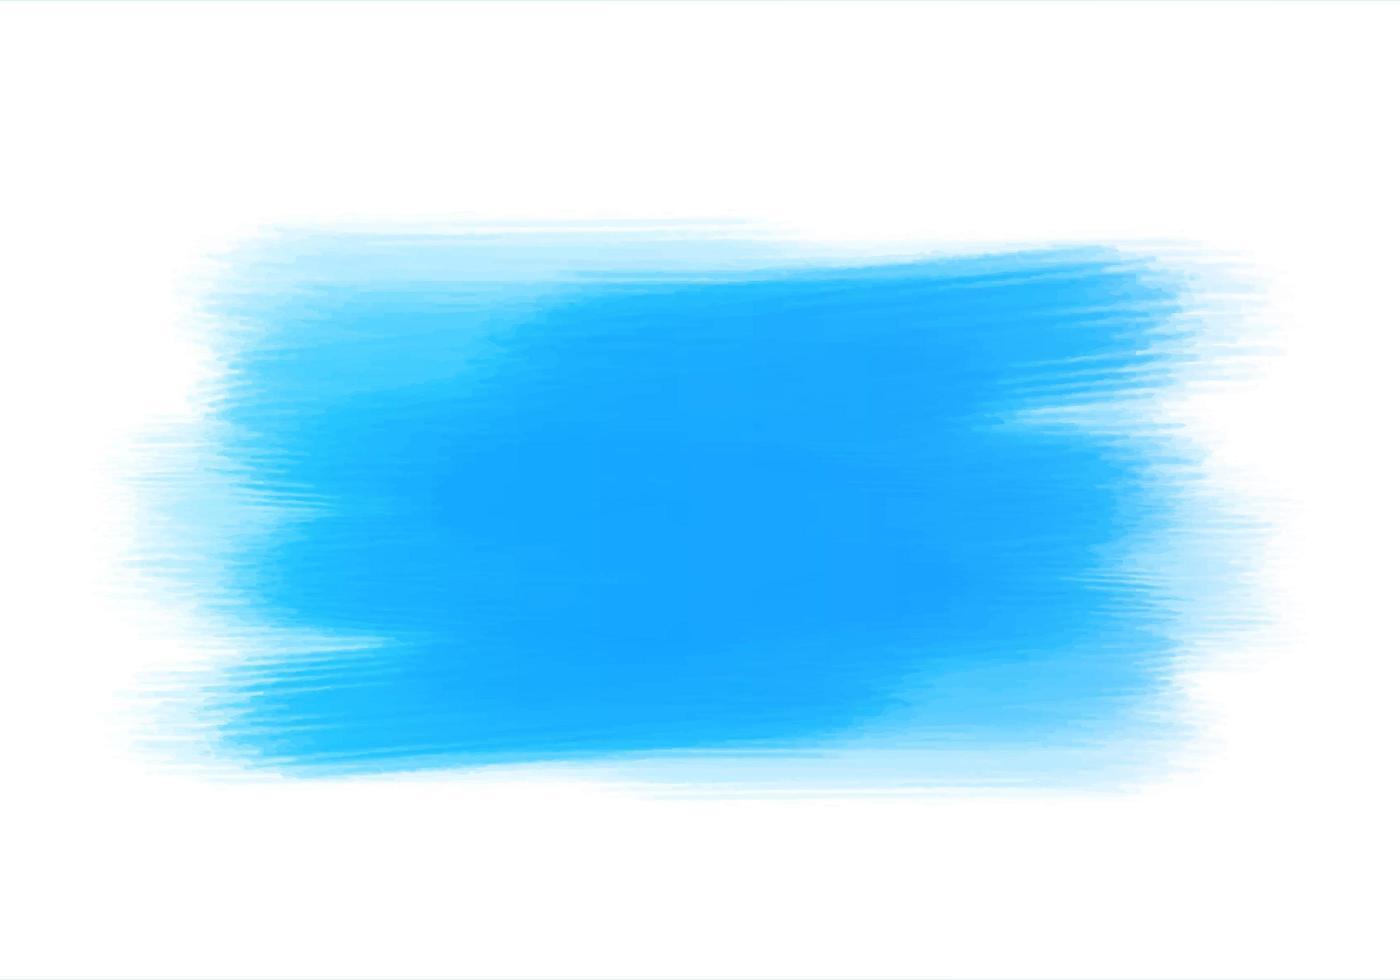 Traçados de tinta escovados em aquarela azul abstrata vetor